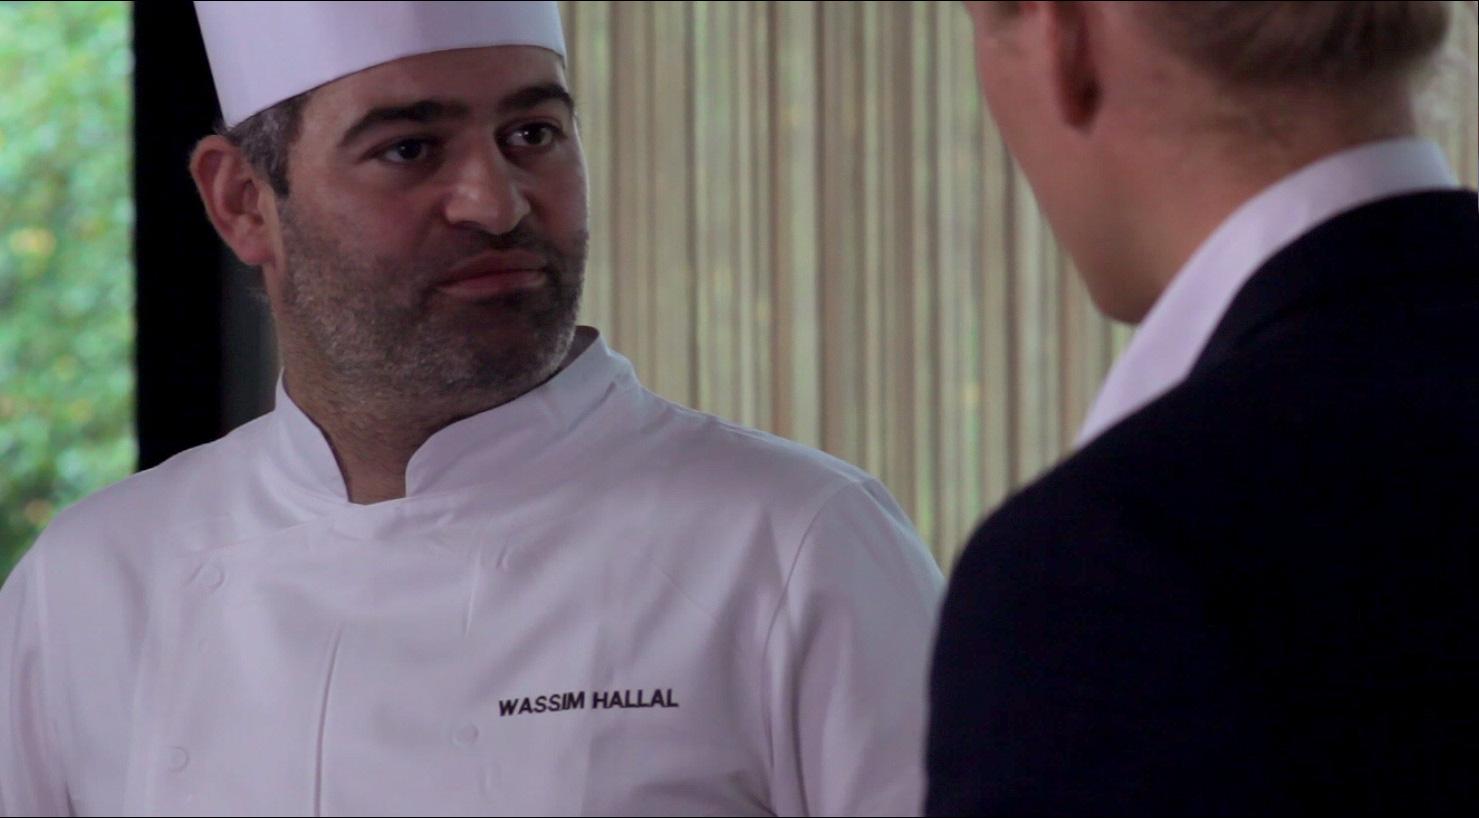 I dag får du serveret næsten en halv times guldkorn fra en af landets bedste kokke, Wassim Hallal.